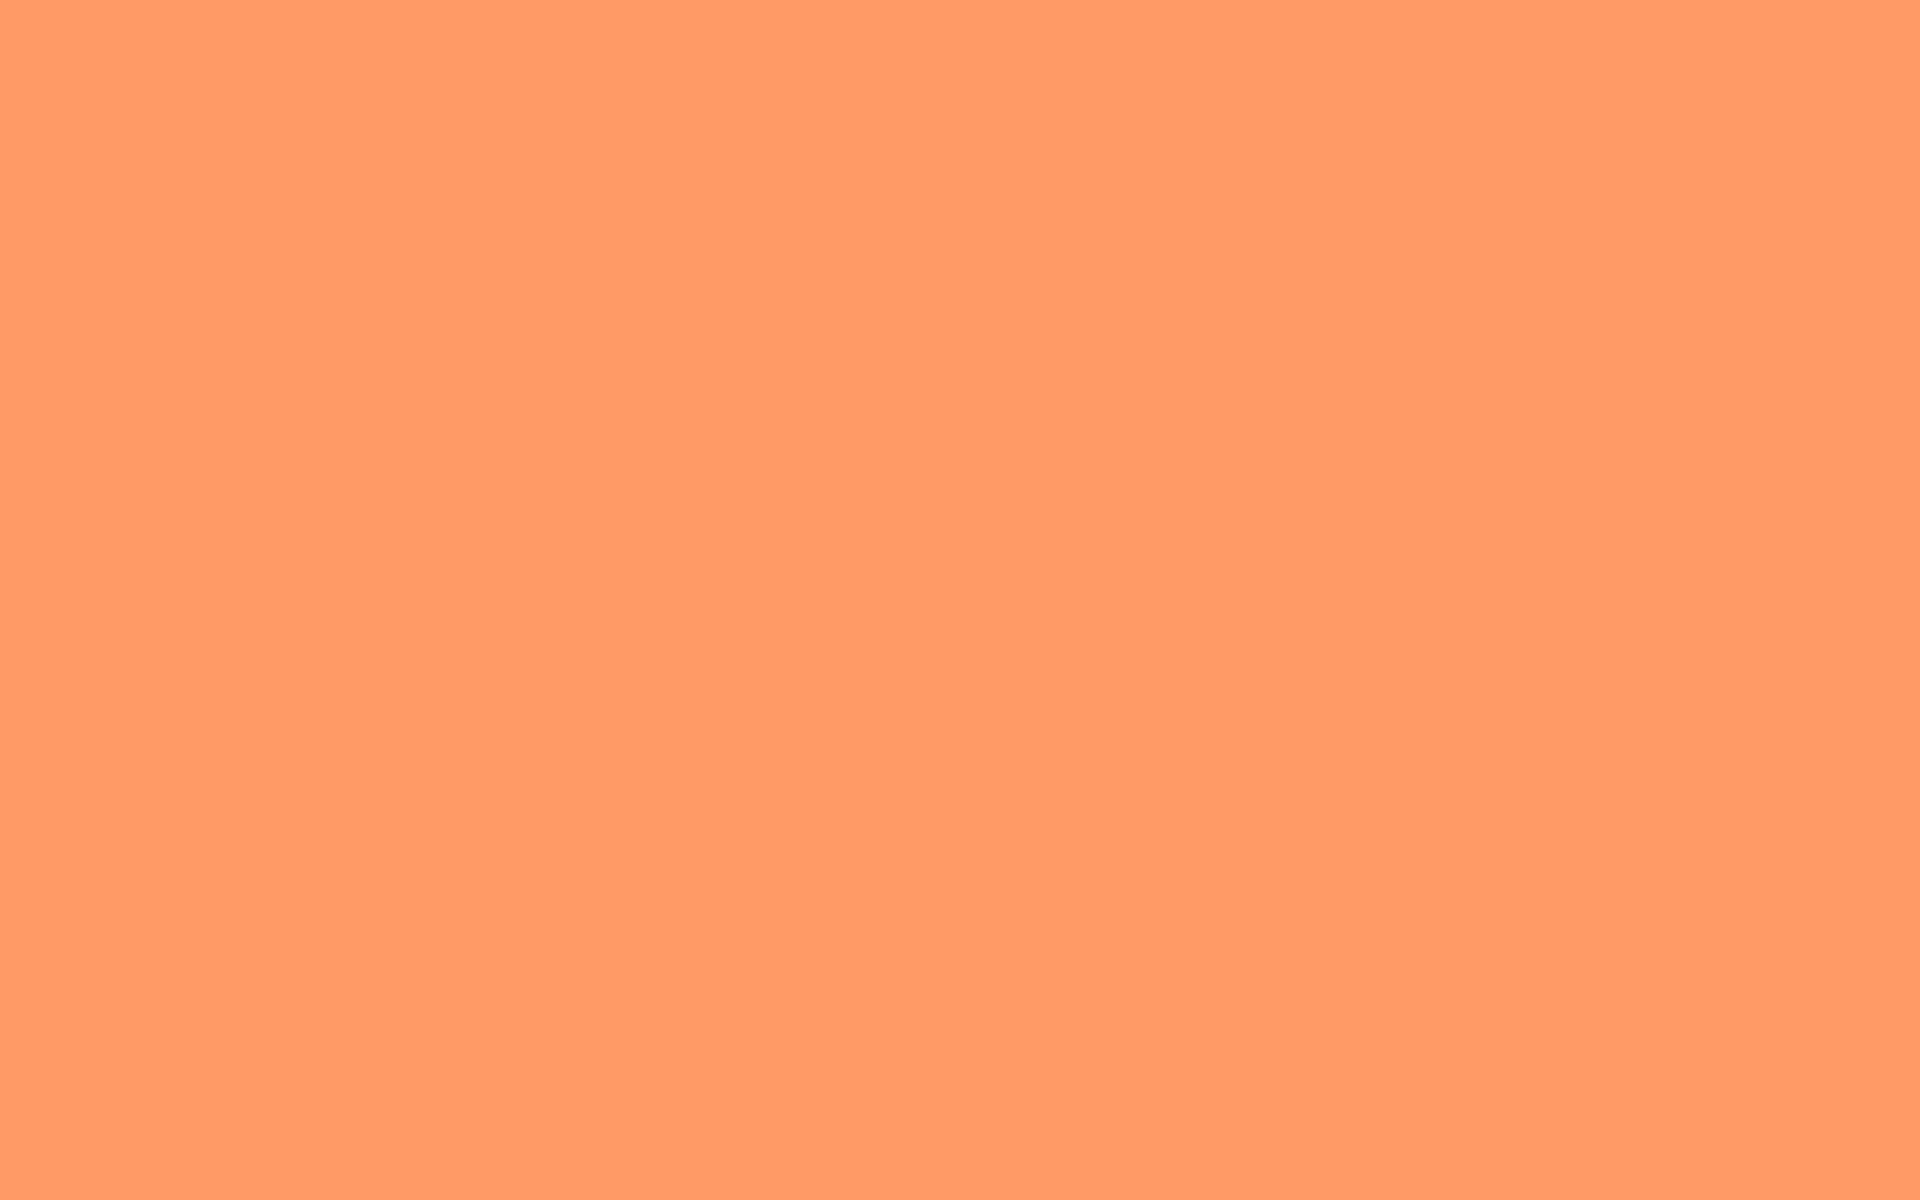 1920x1200 Pink-orange Solid Color Background